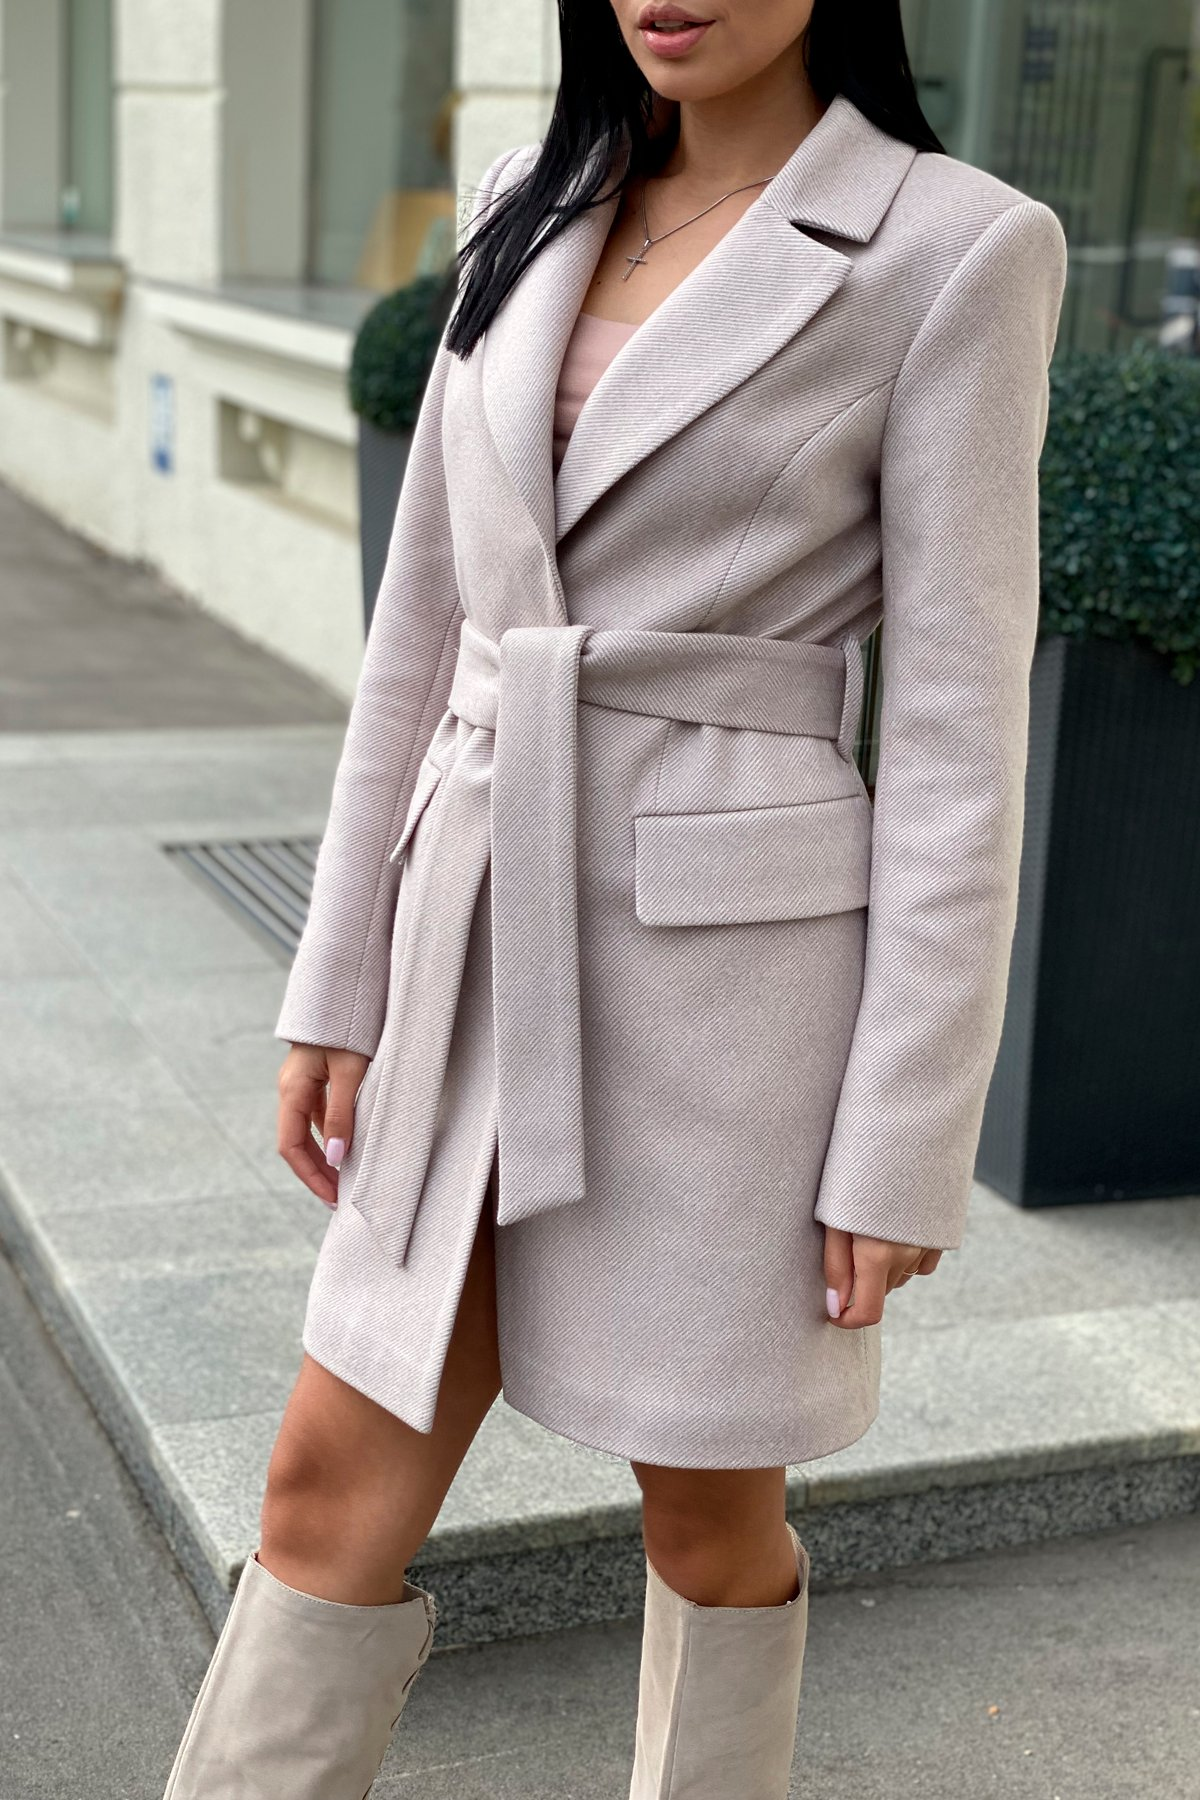 Корси диагональ пальтовая ткань пальто 9882 АРТ. 46168 Цвет: Бежевый Светлый 5 - фото 1, интернет магазин tm-modus.ru